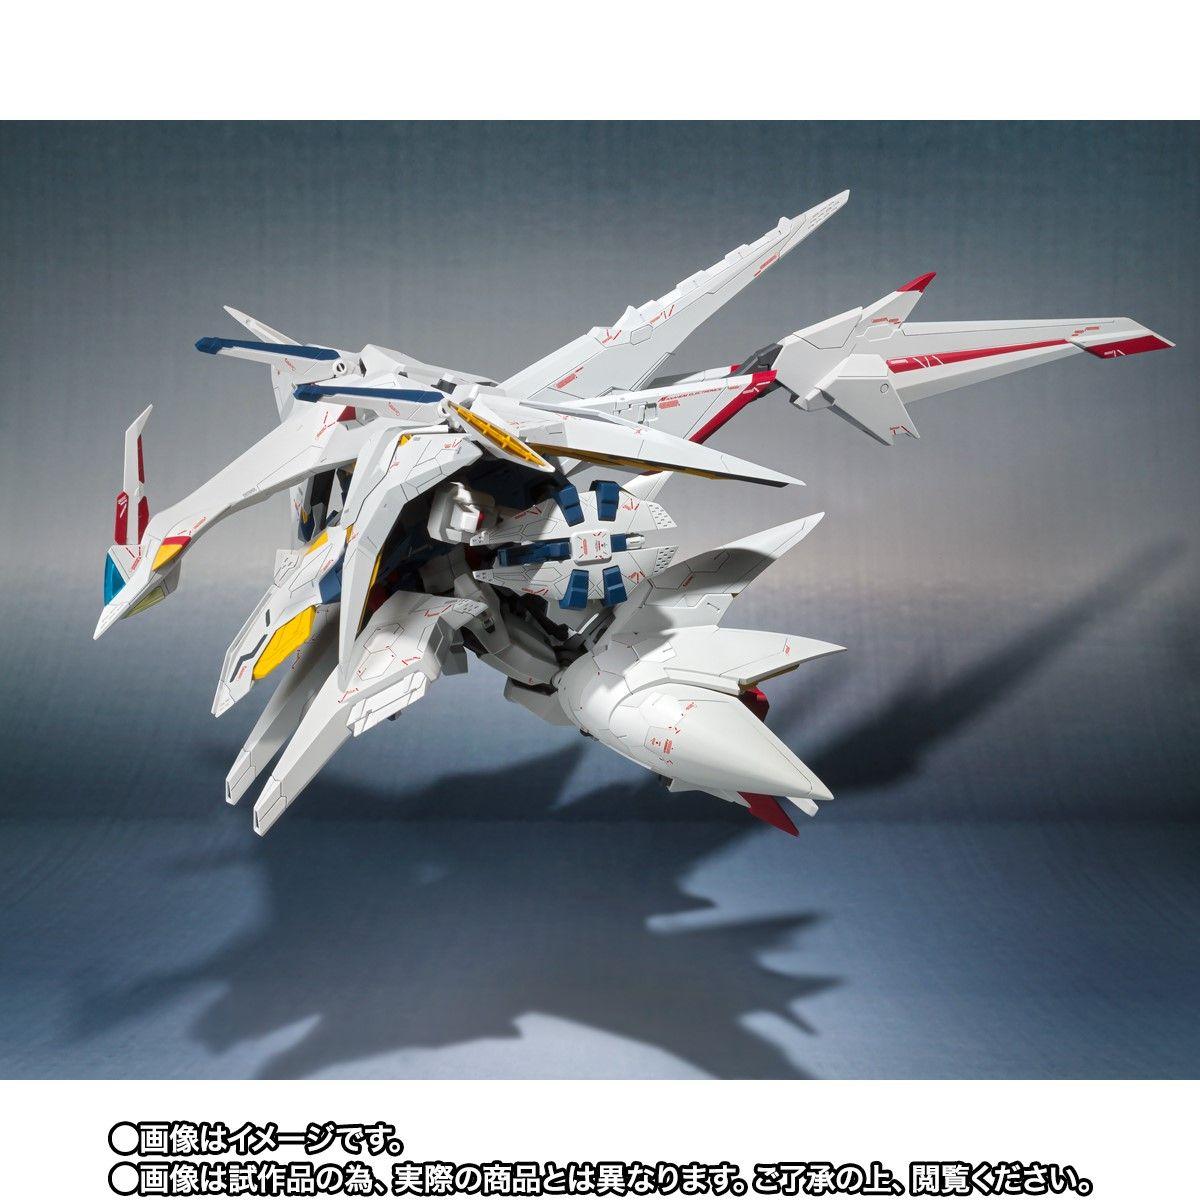 【限定販売】ROBOT魂 Ka signature〈SIDE MS〉『ペーネロペー(機動戦士ガンダム 閃光のハサウェイVer.)』可動フィギュア-005